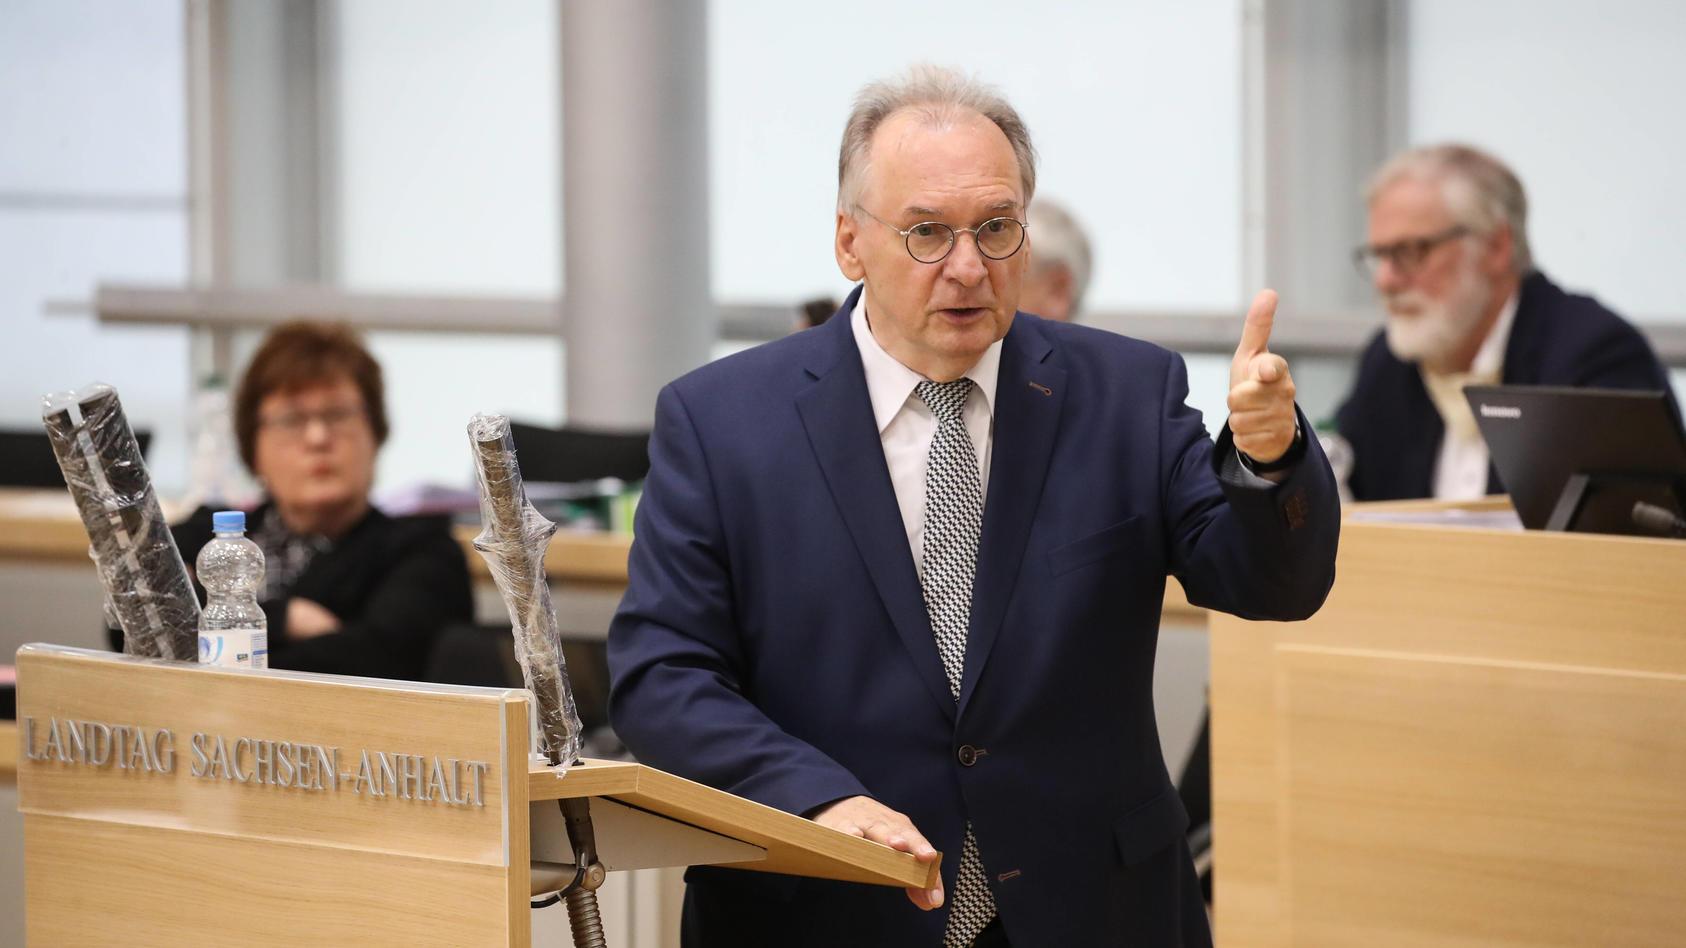 Ministerpraesident Dr. Reiner Haseloff (CDU,Sachsen Anhalt) - Aktuelle Debatte mit dem Thema aus der Corona Krise lerne